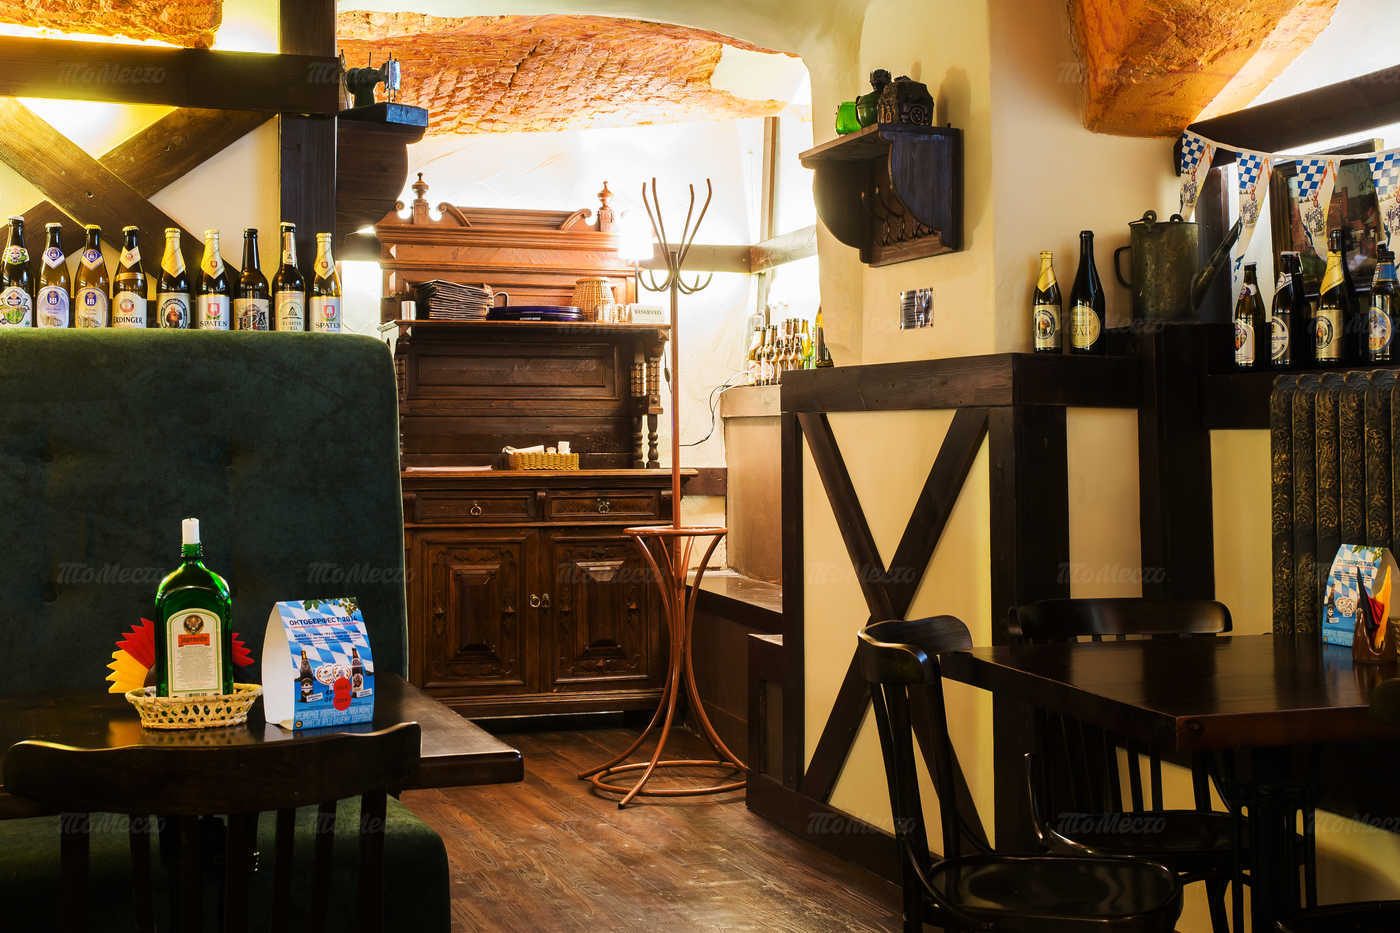 Меню пивного ресторана Кнайпе Jager Haus (Ягер Хаус) в Итальянской